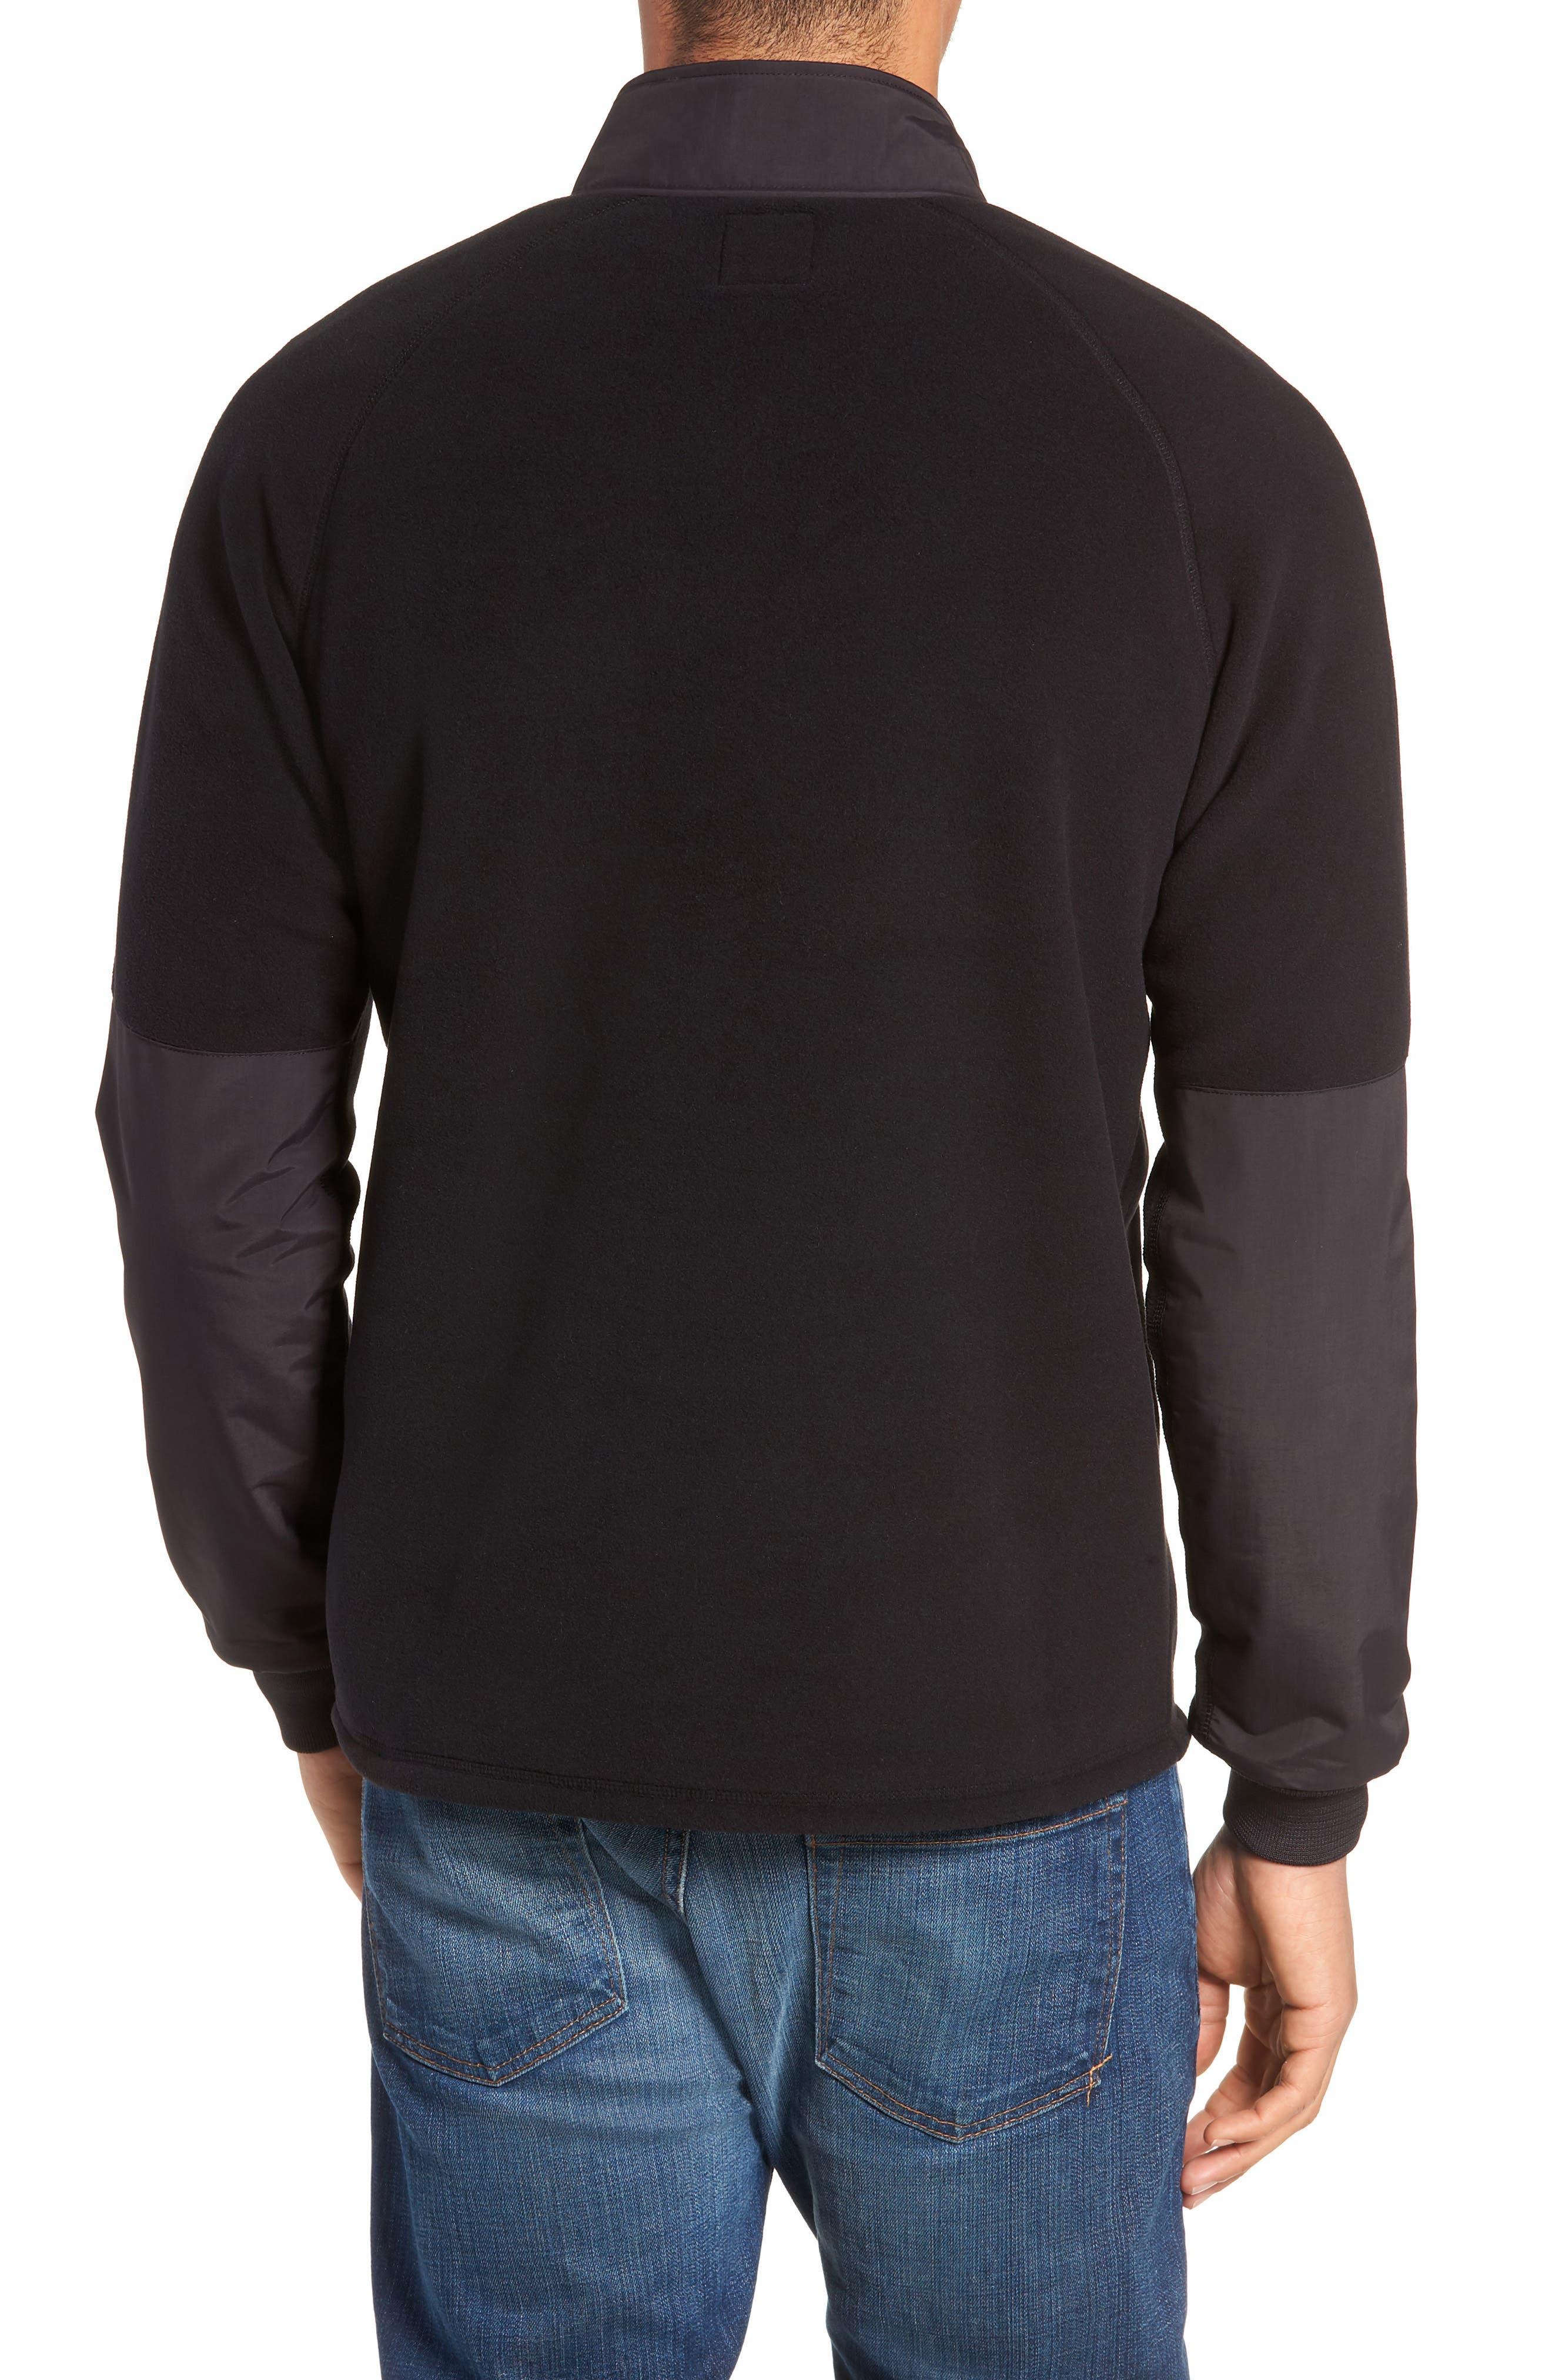 Mountain Fleece Pullover,                             Alternate thumbnail 2, color,                             BLACK